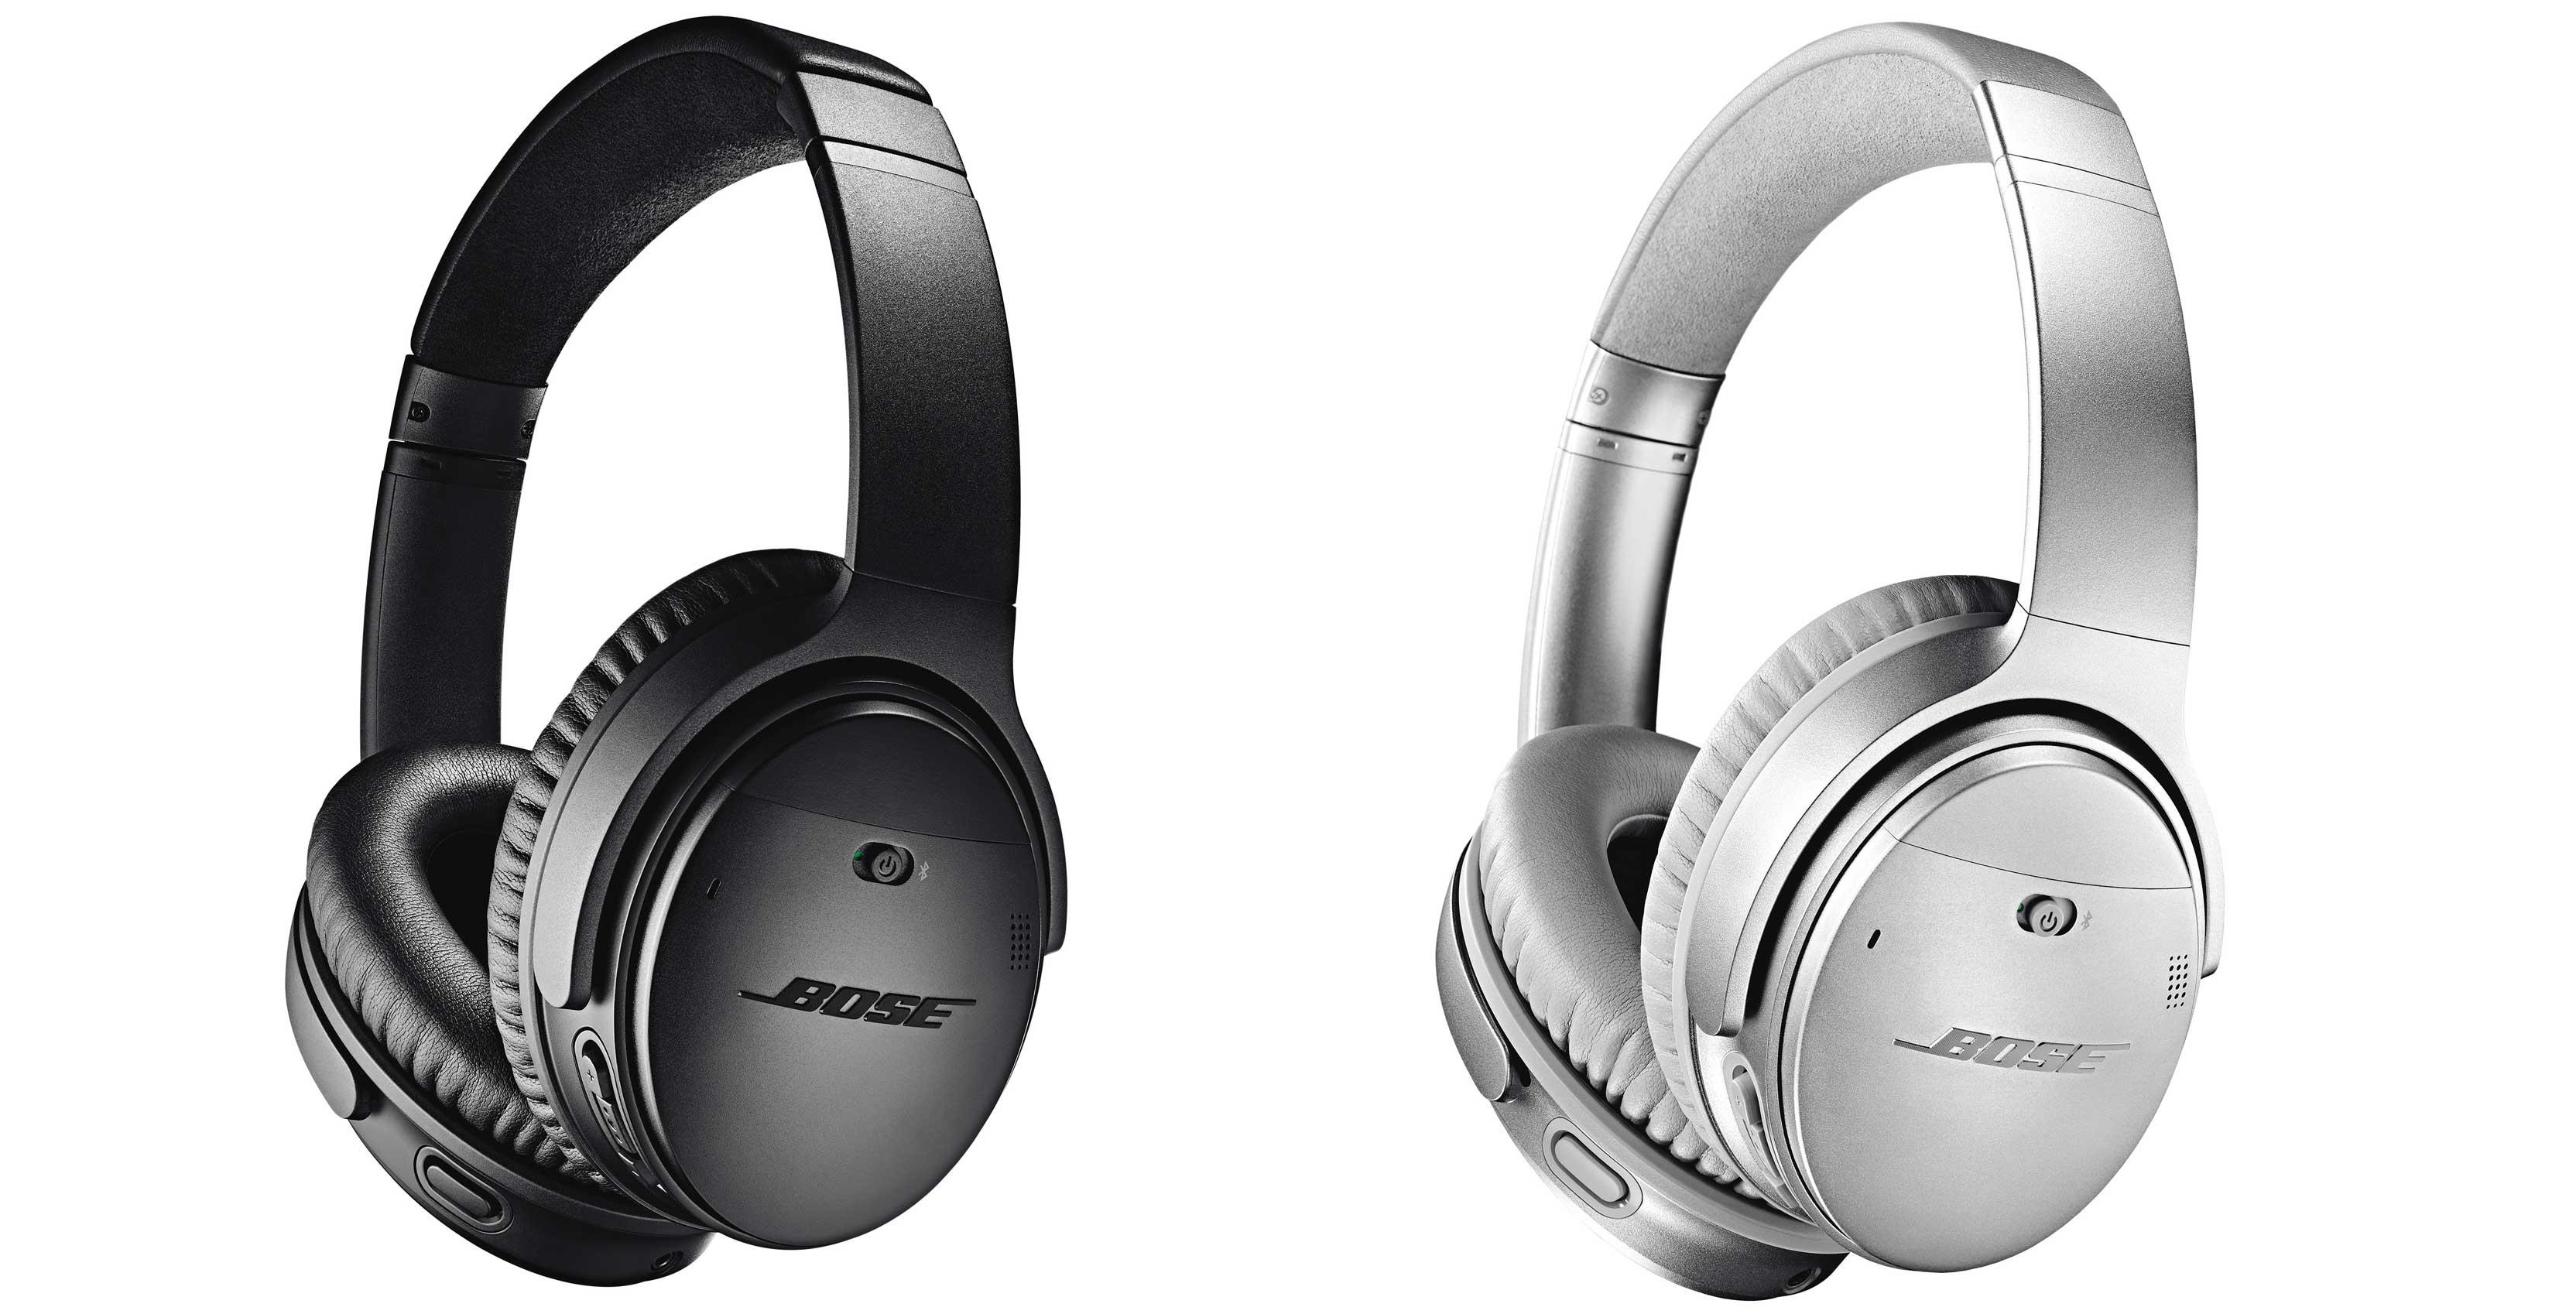 Bose's QuietComfort 35 II headphones are just $265 ($85 off) for Rakuten members with coupon code